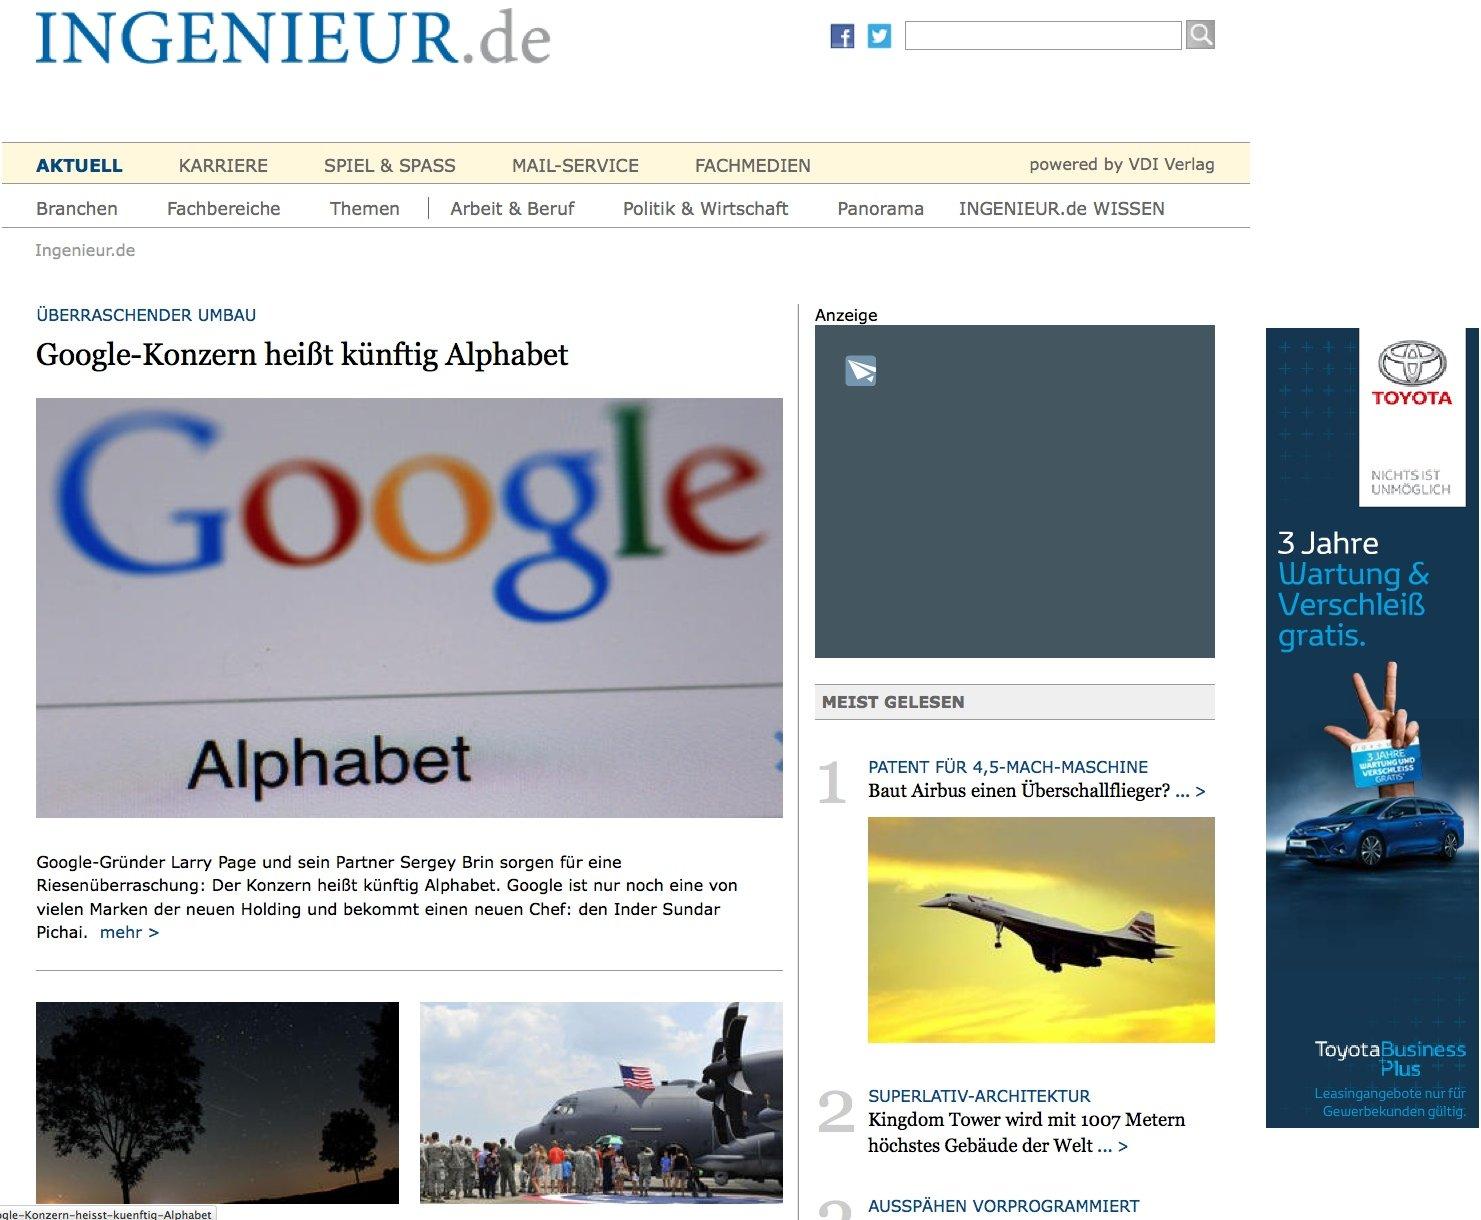 Screenshot der Seite Ingenieur.de: Werbung wird nur dezent auf Ingenieur.de eingesetzt. Adblocker, die Werbung unterdrücken, schaden der Refinanzierung solch hochwertiger Webseiten wie Ingenieur.de.